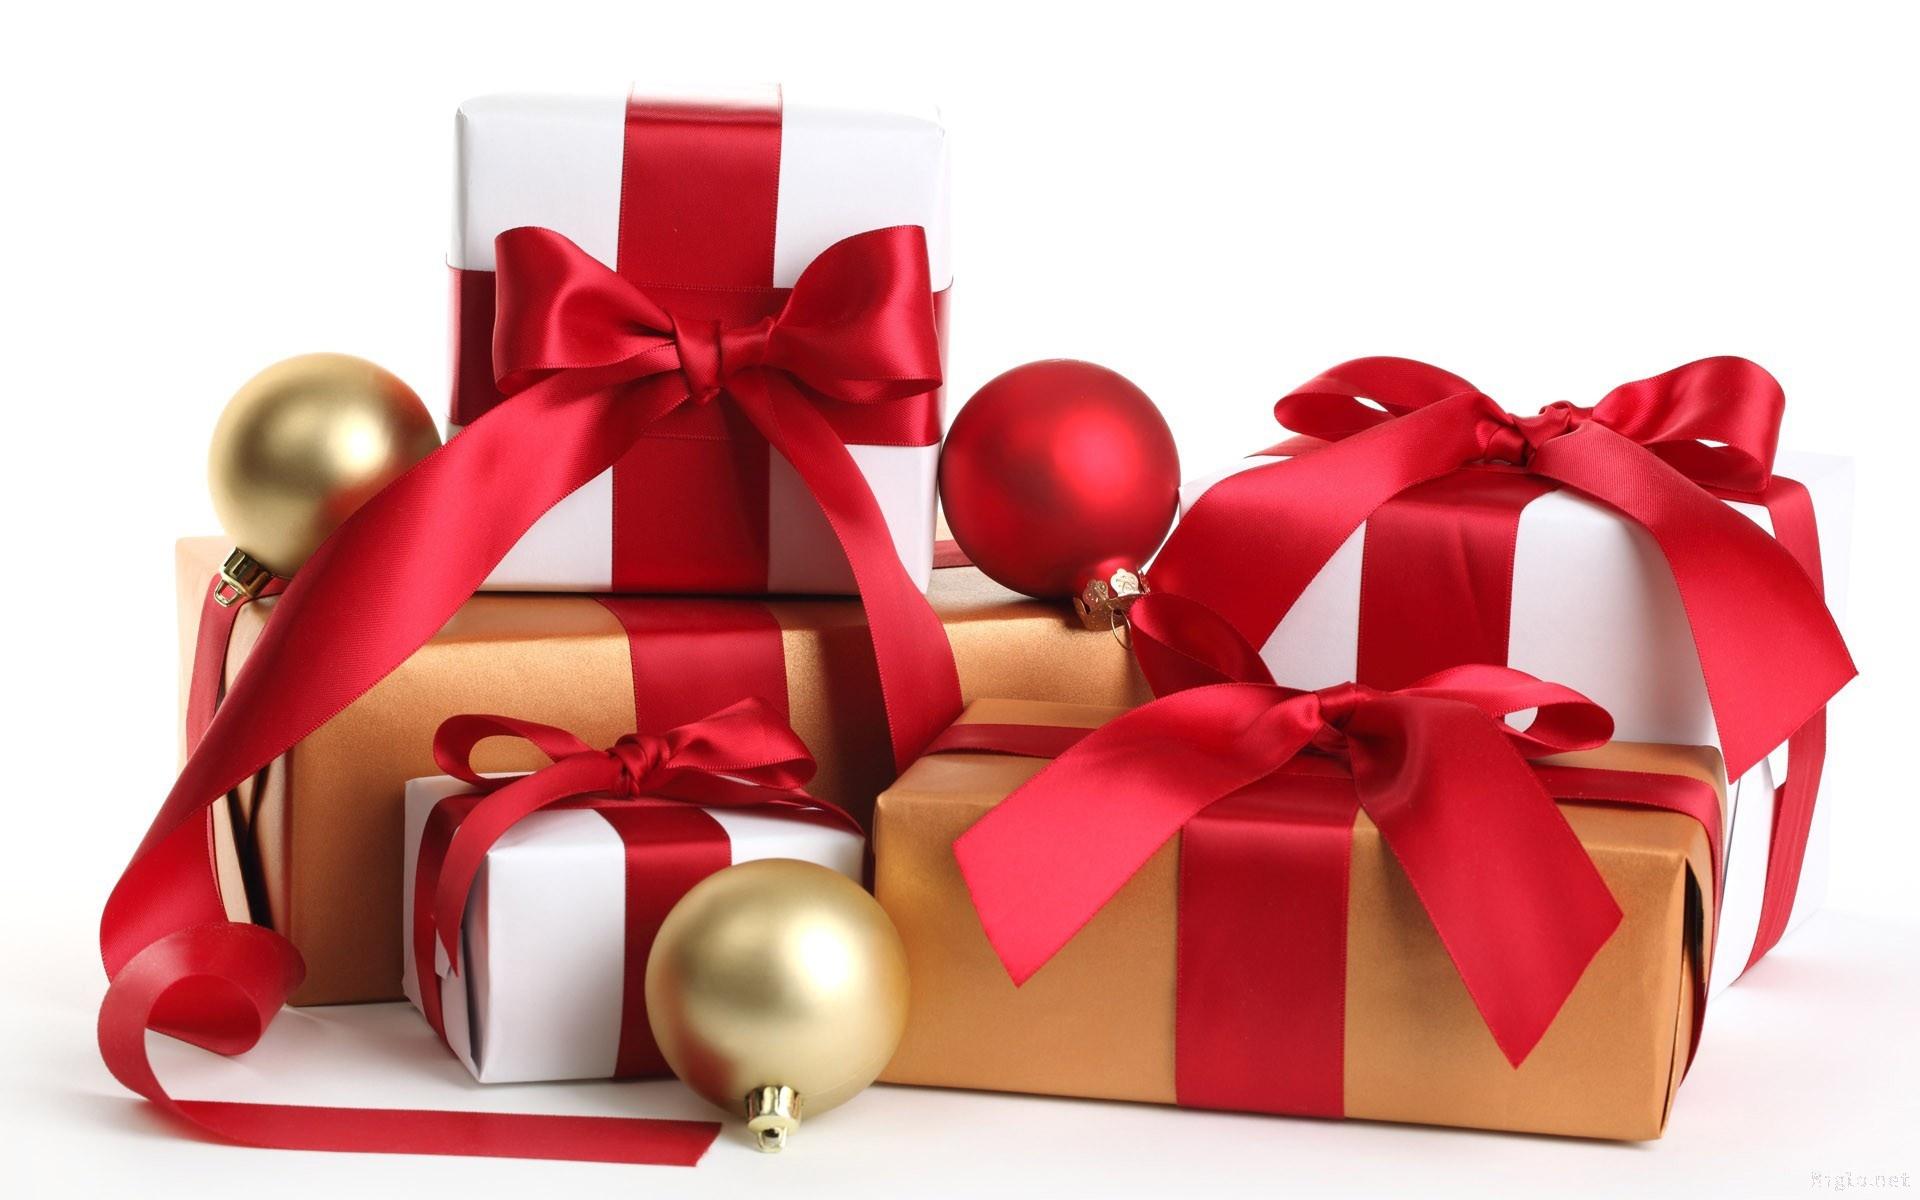 Cadeaux pour la noel 1920x12001